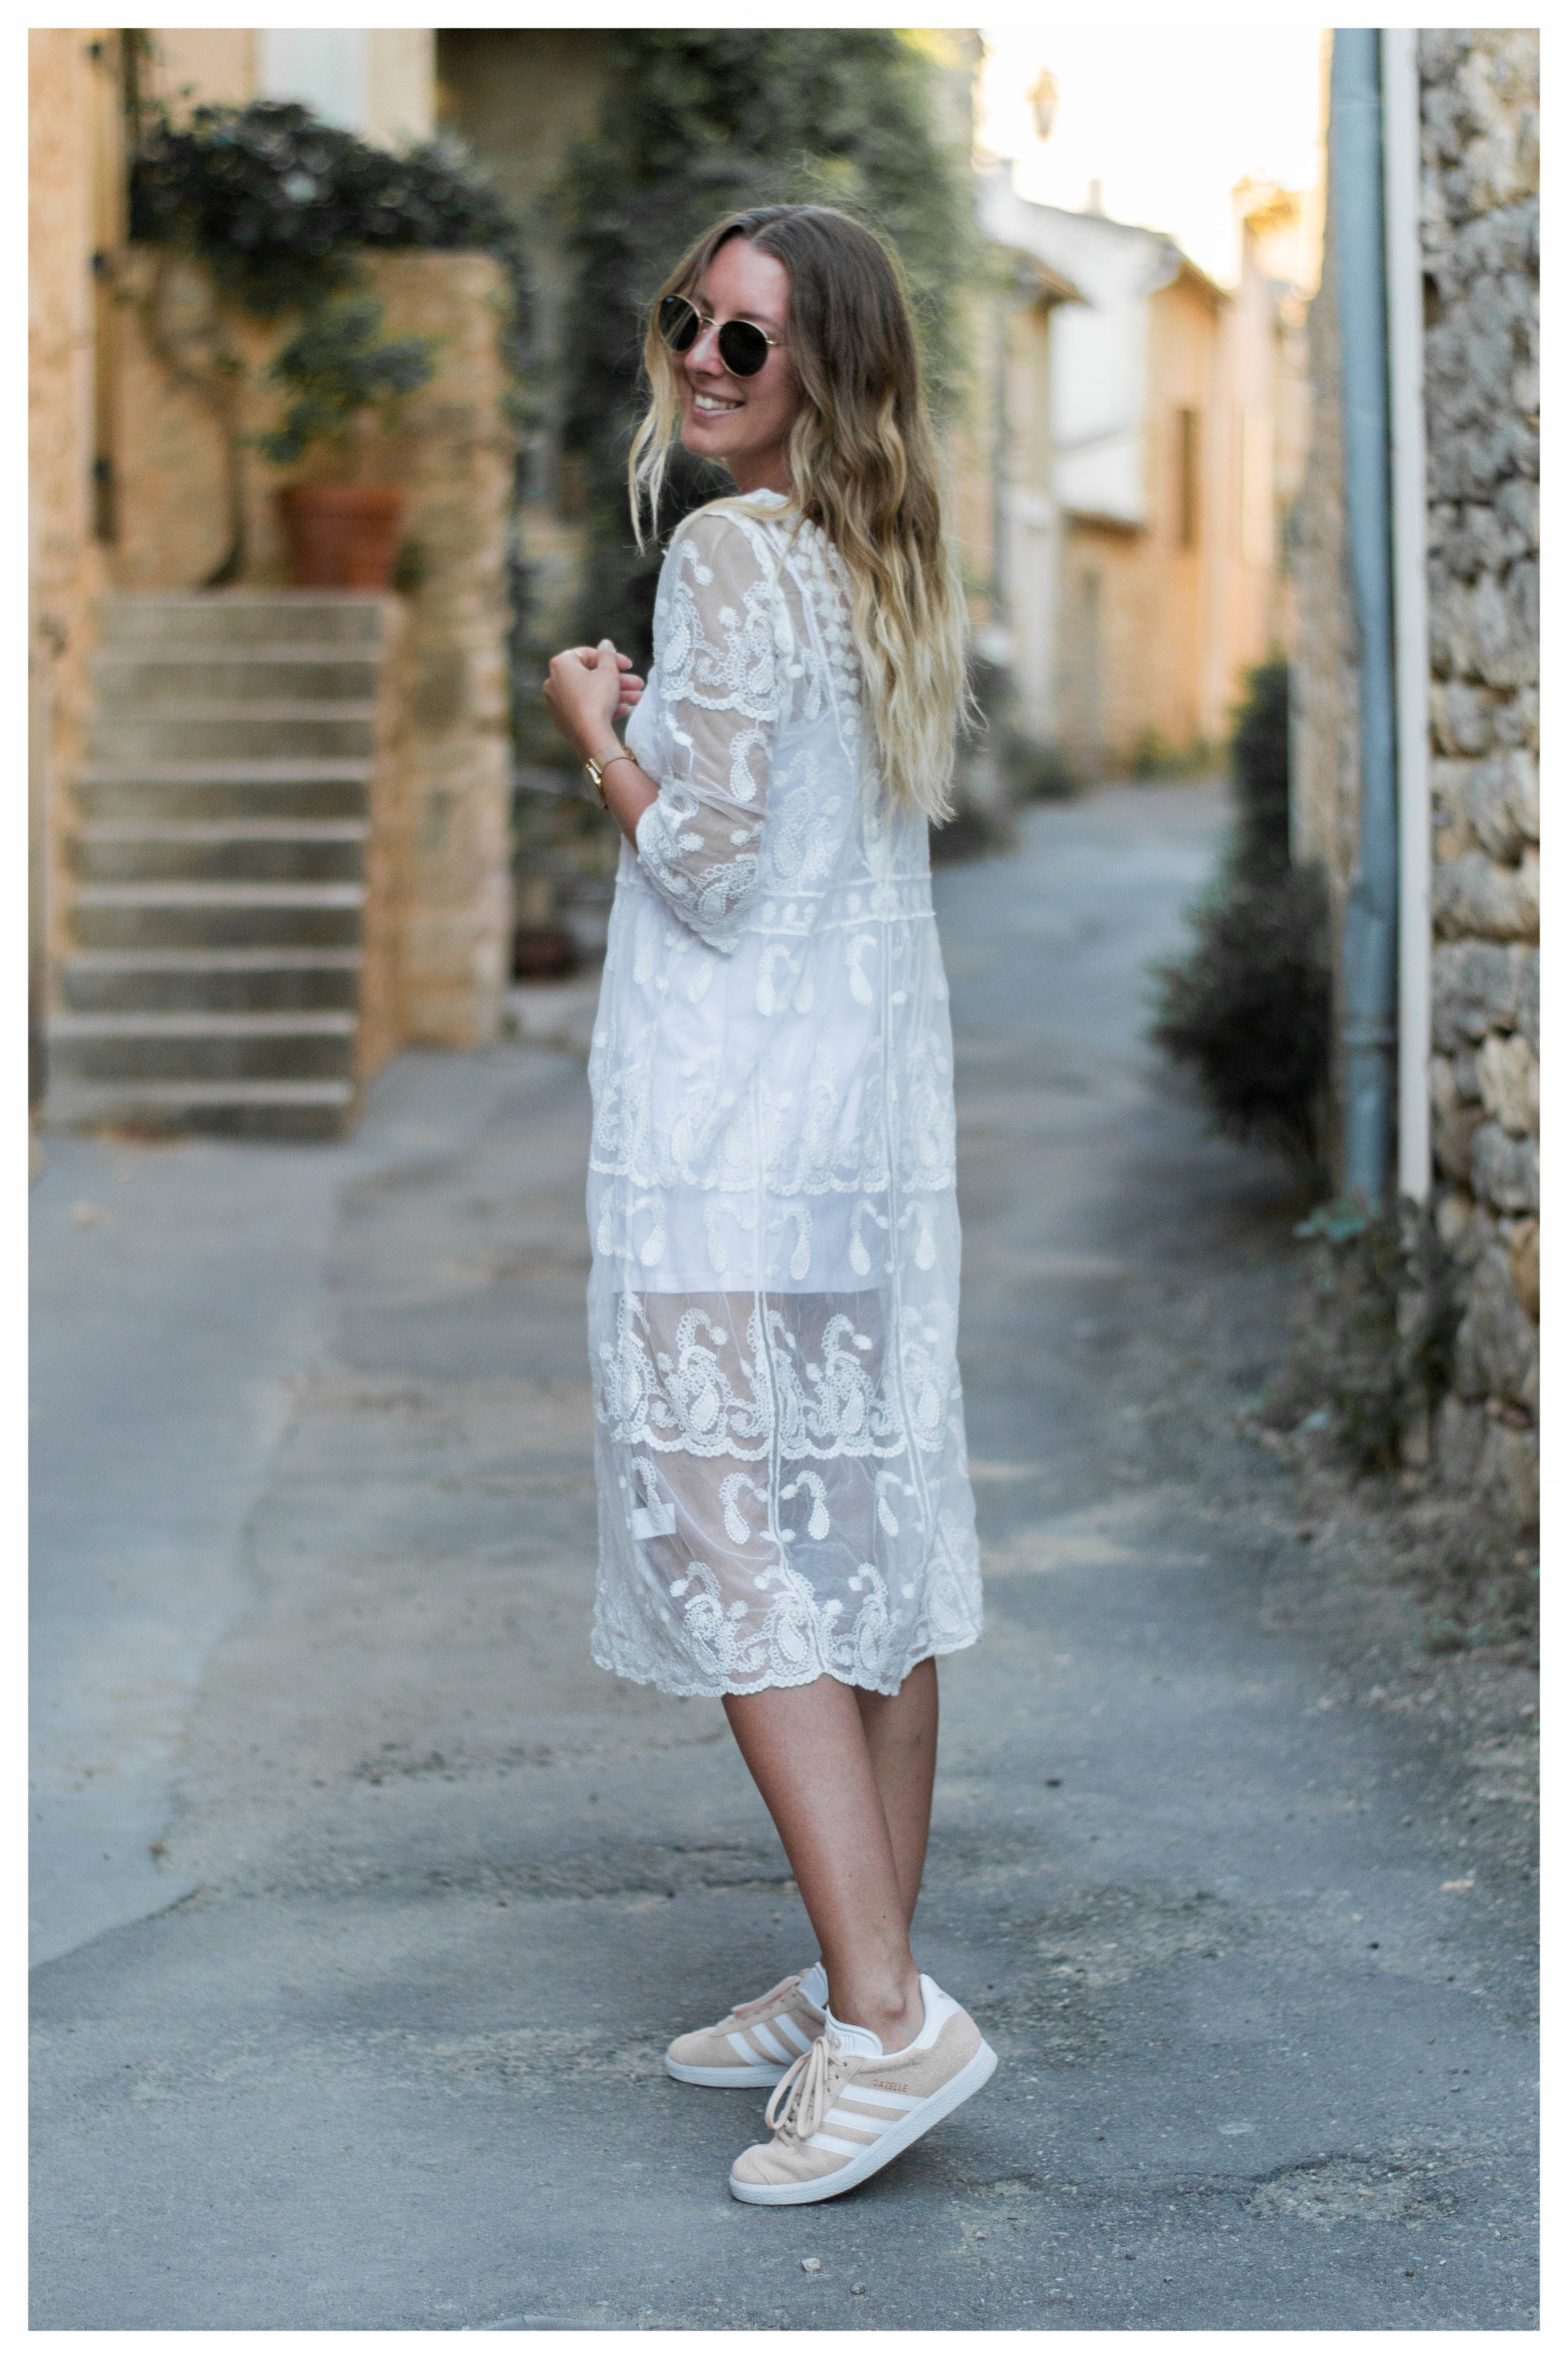 Cornillon White Dress June - OSIARAH.COM (9 of 27).jpg